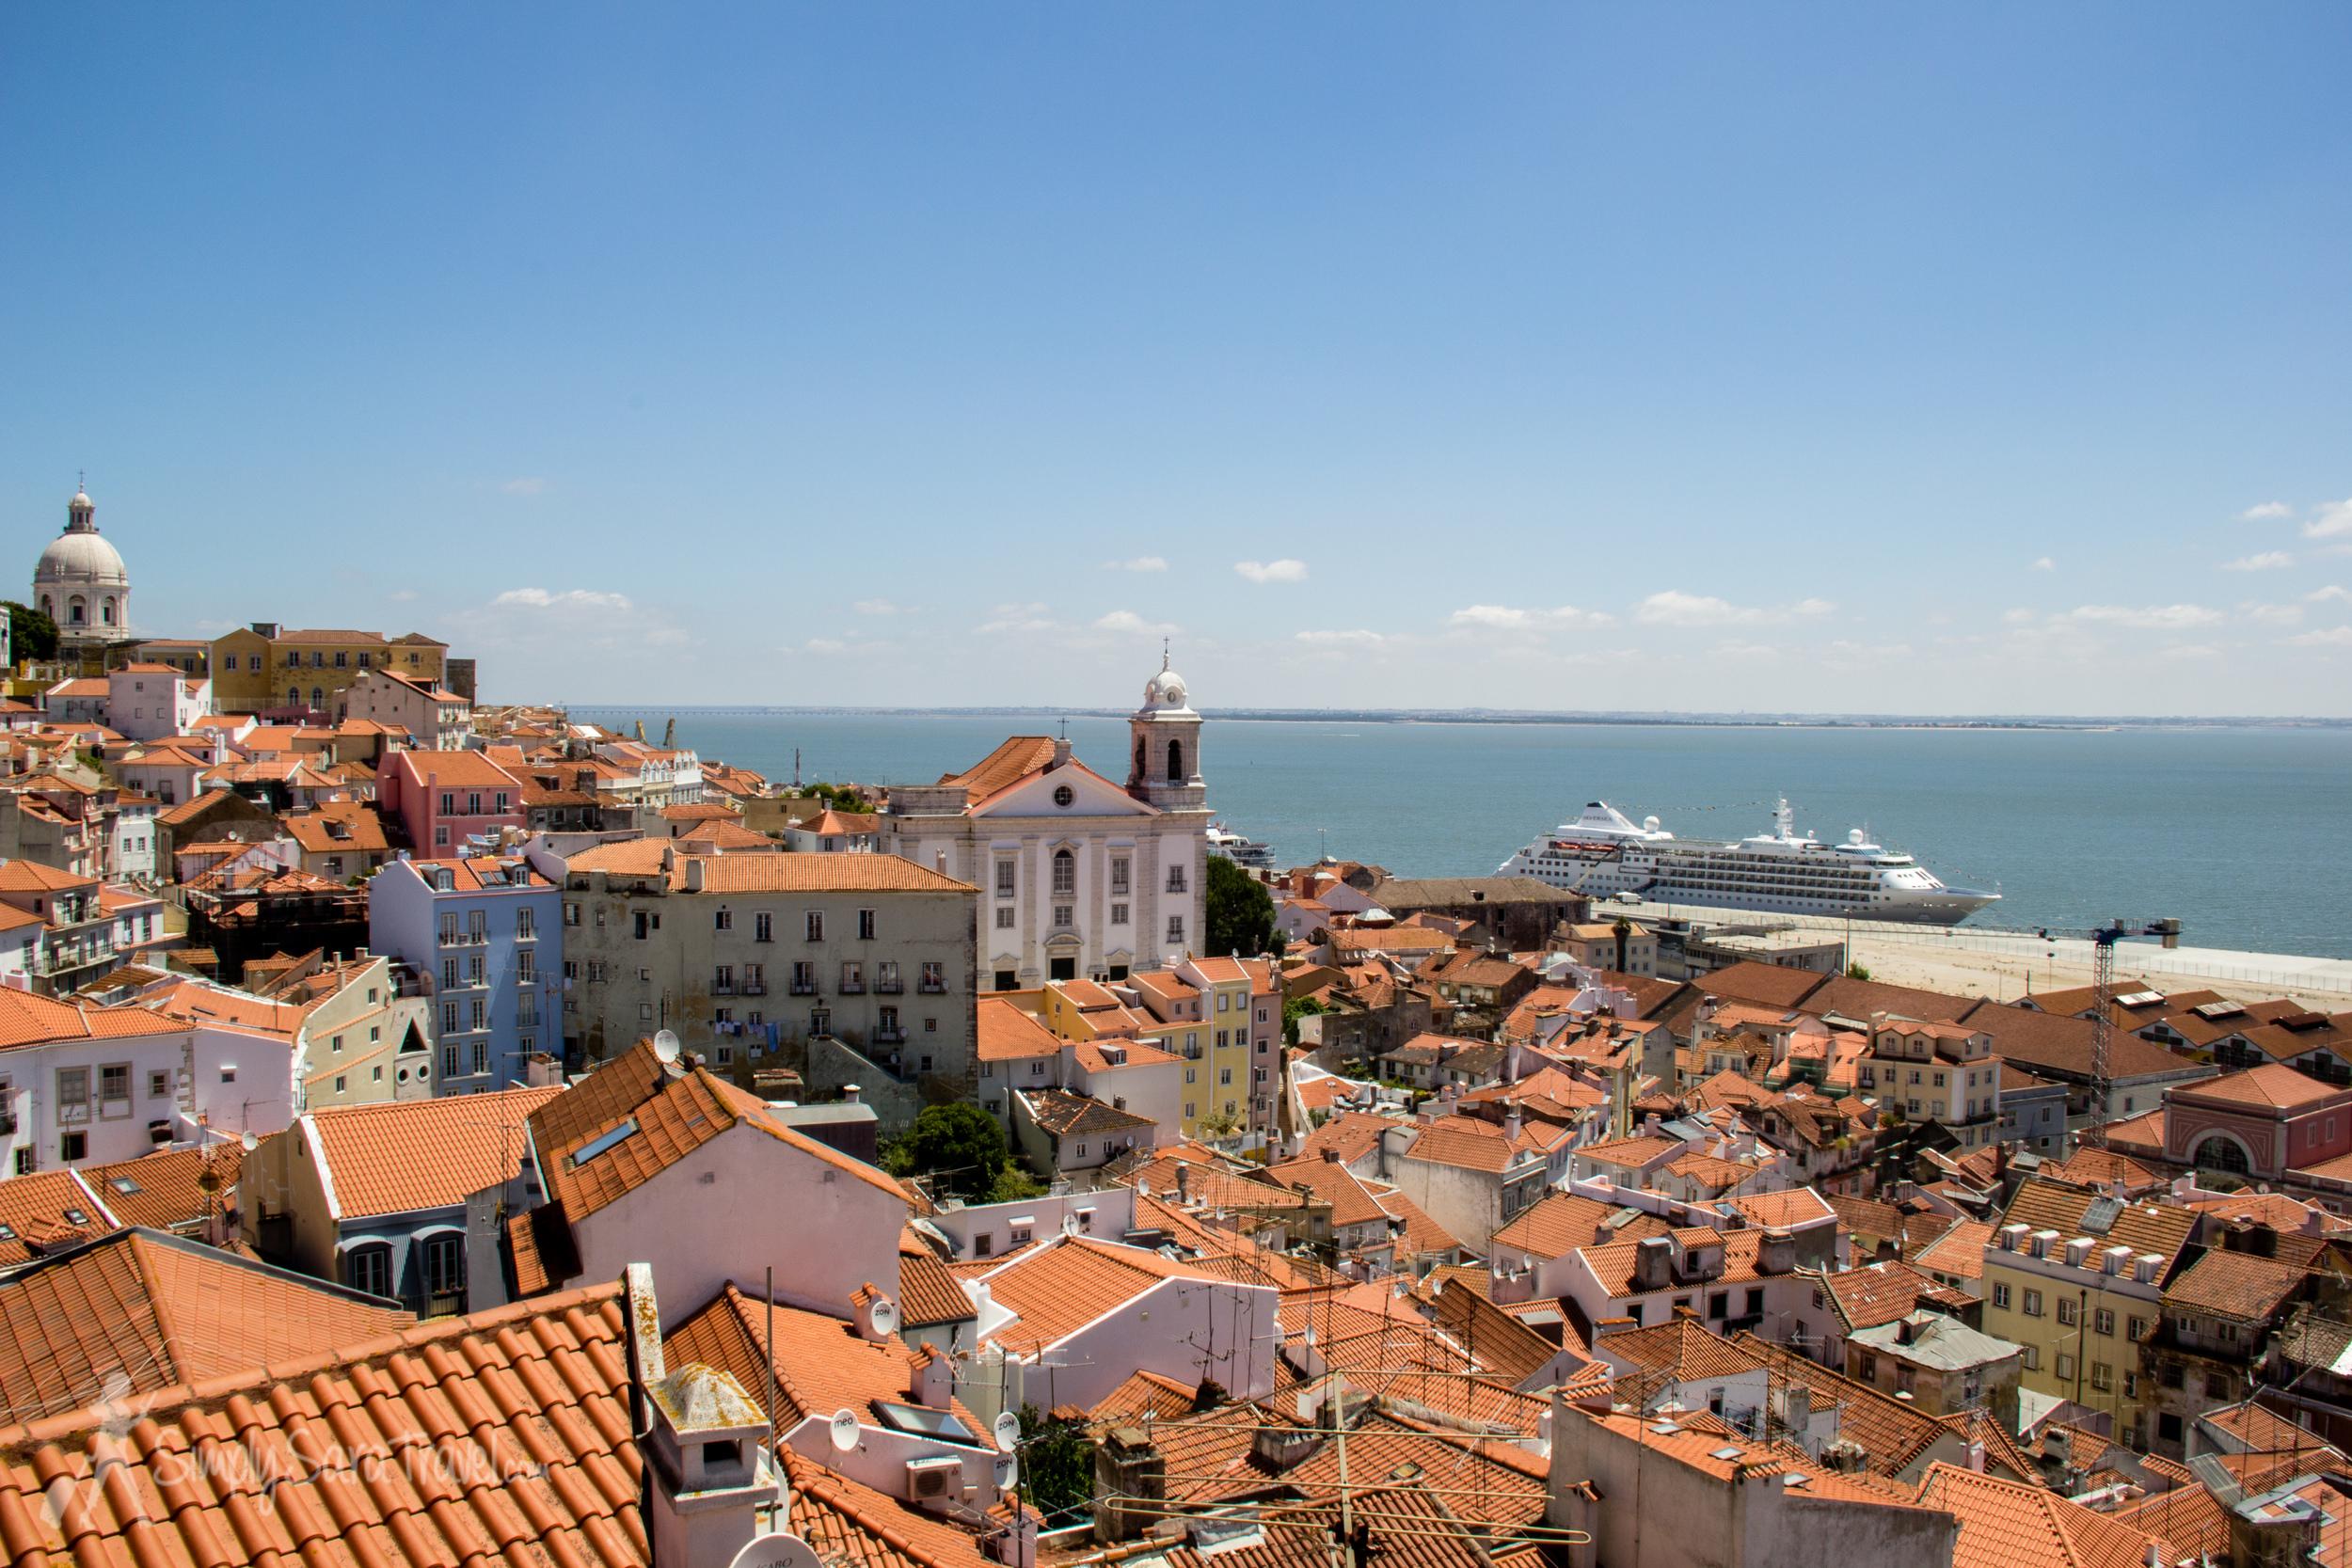 Looking over theAlfama neighborhood towards the ocean in Lisbon